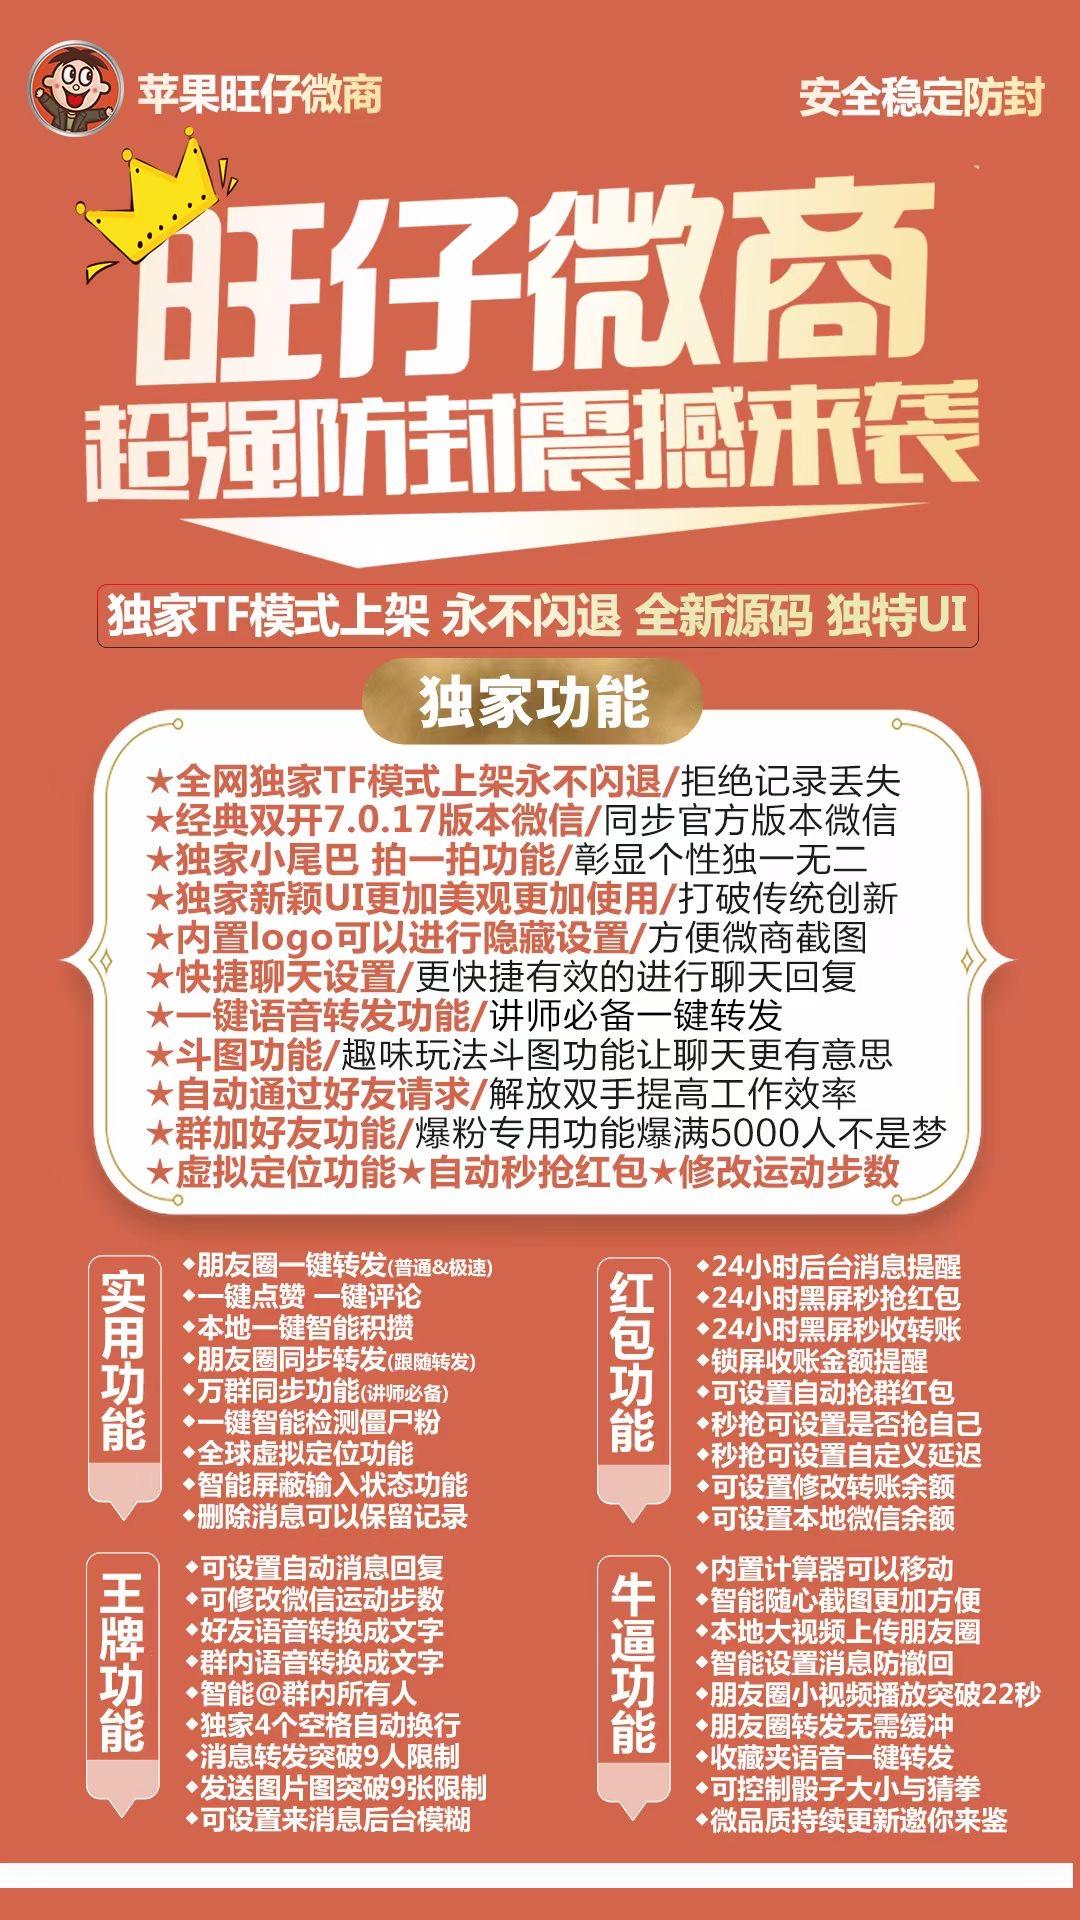 苹果TF软件突破发九张图-旺仔微商